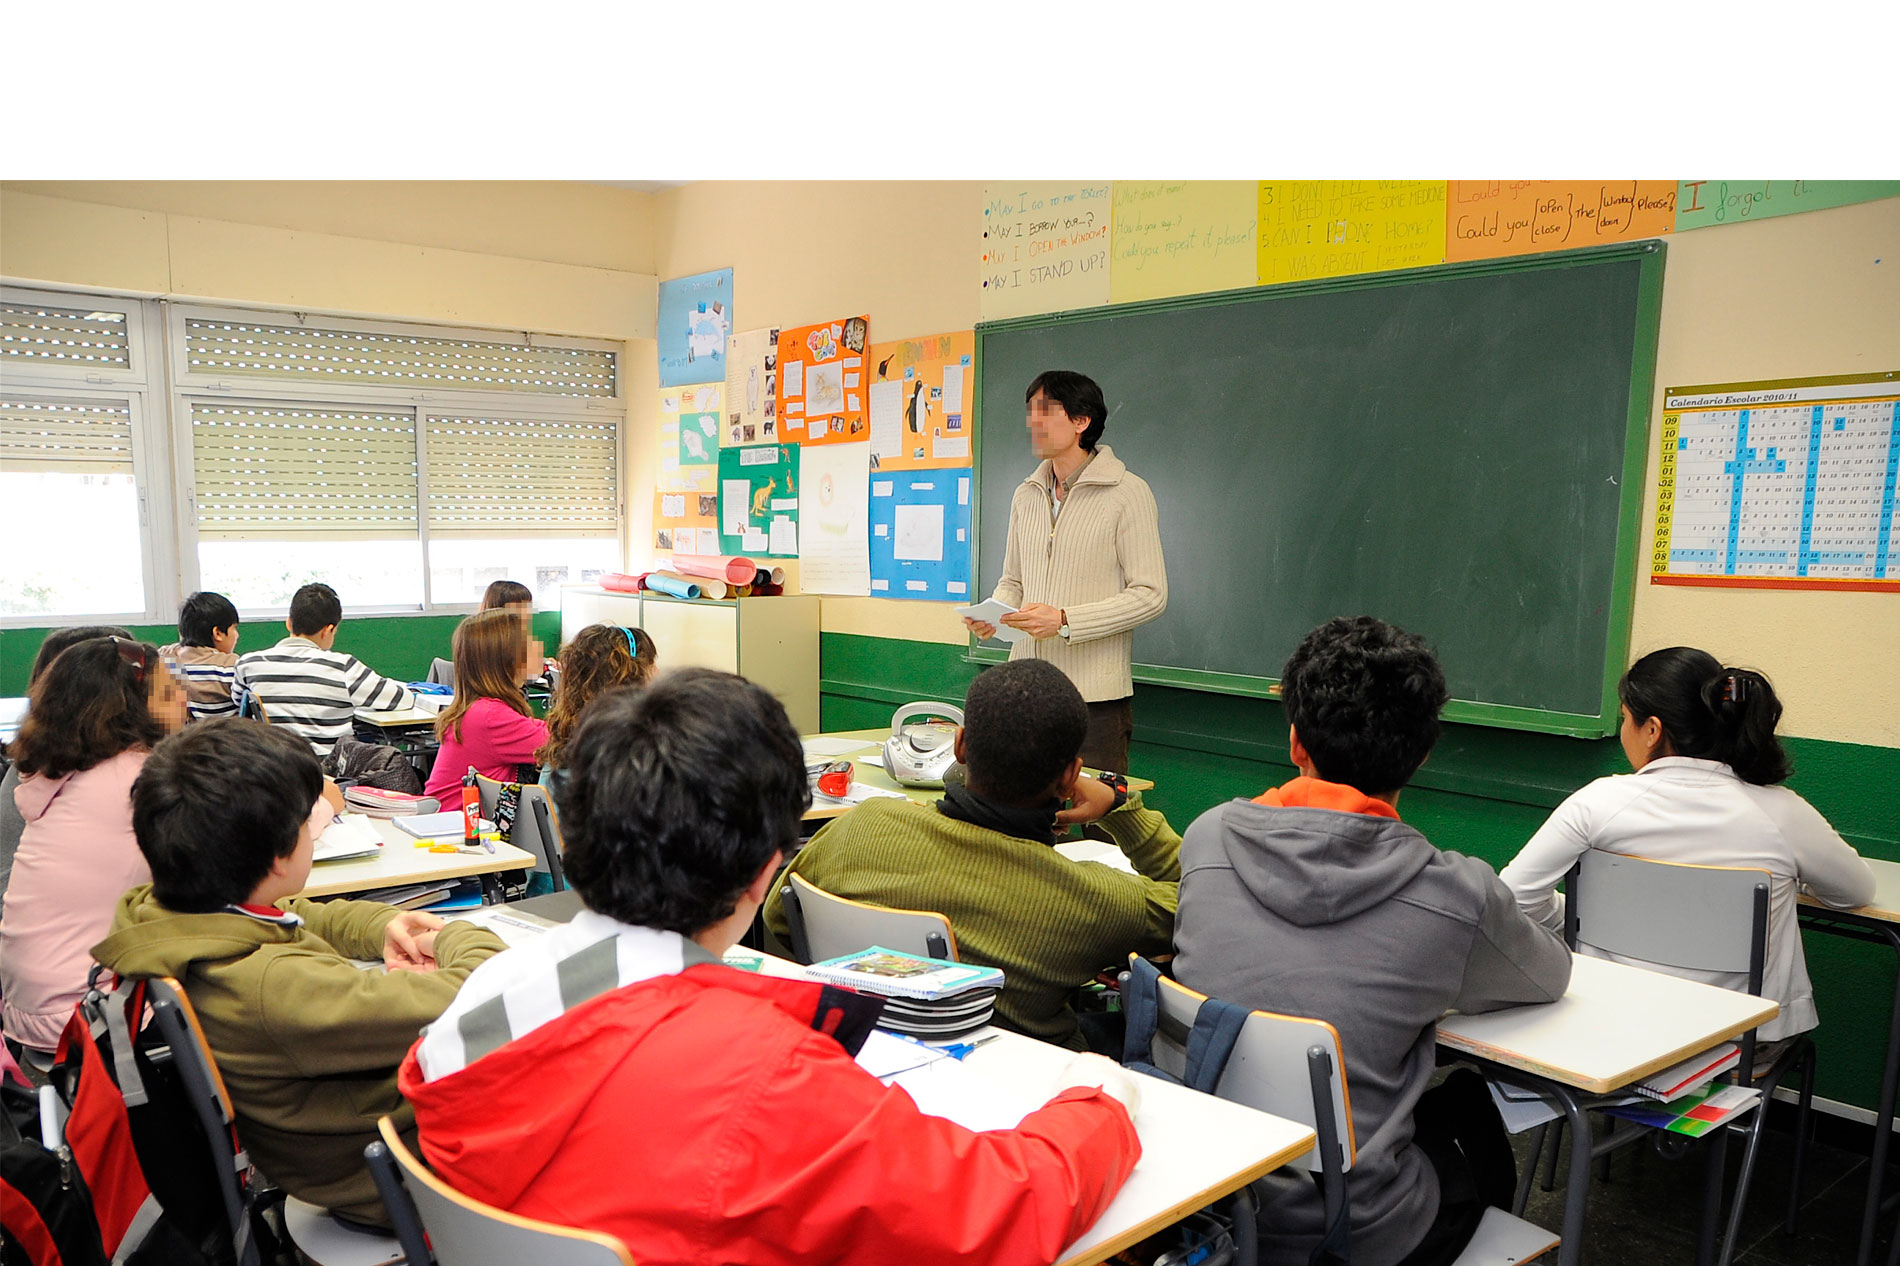 Profesor-dando-clase-colegio-Fortuny-3